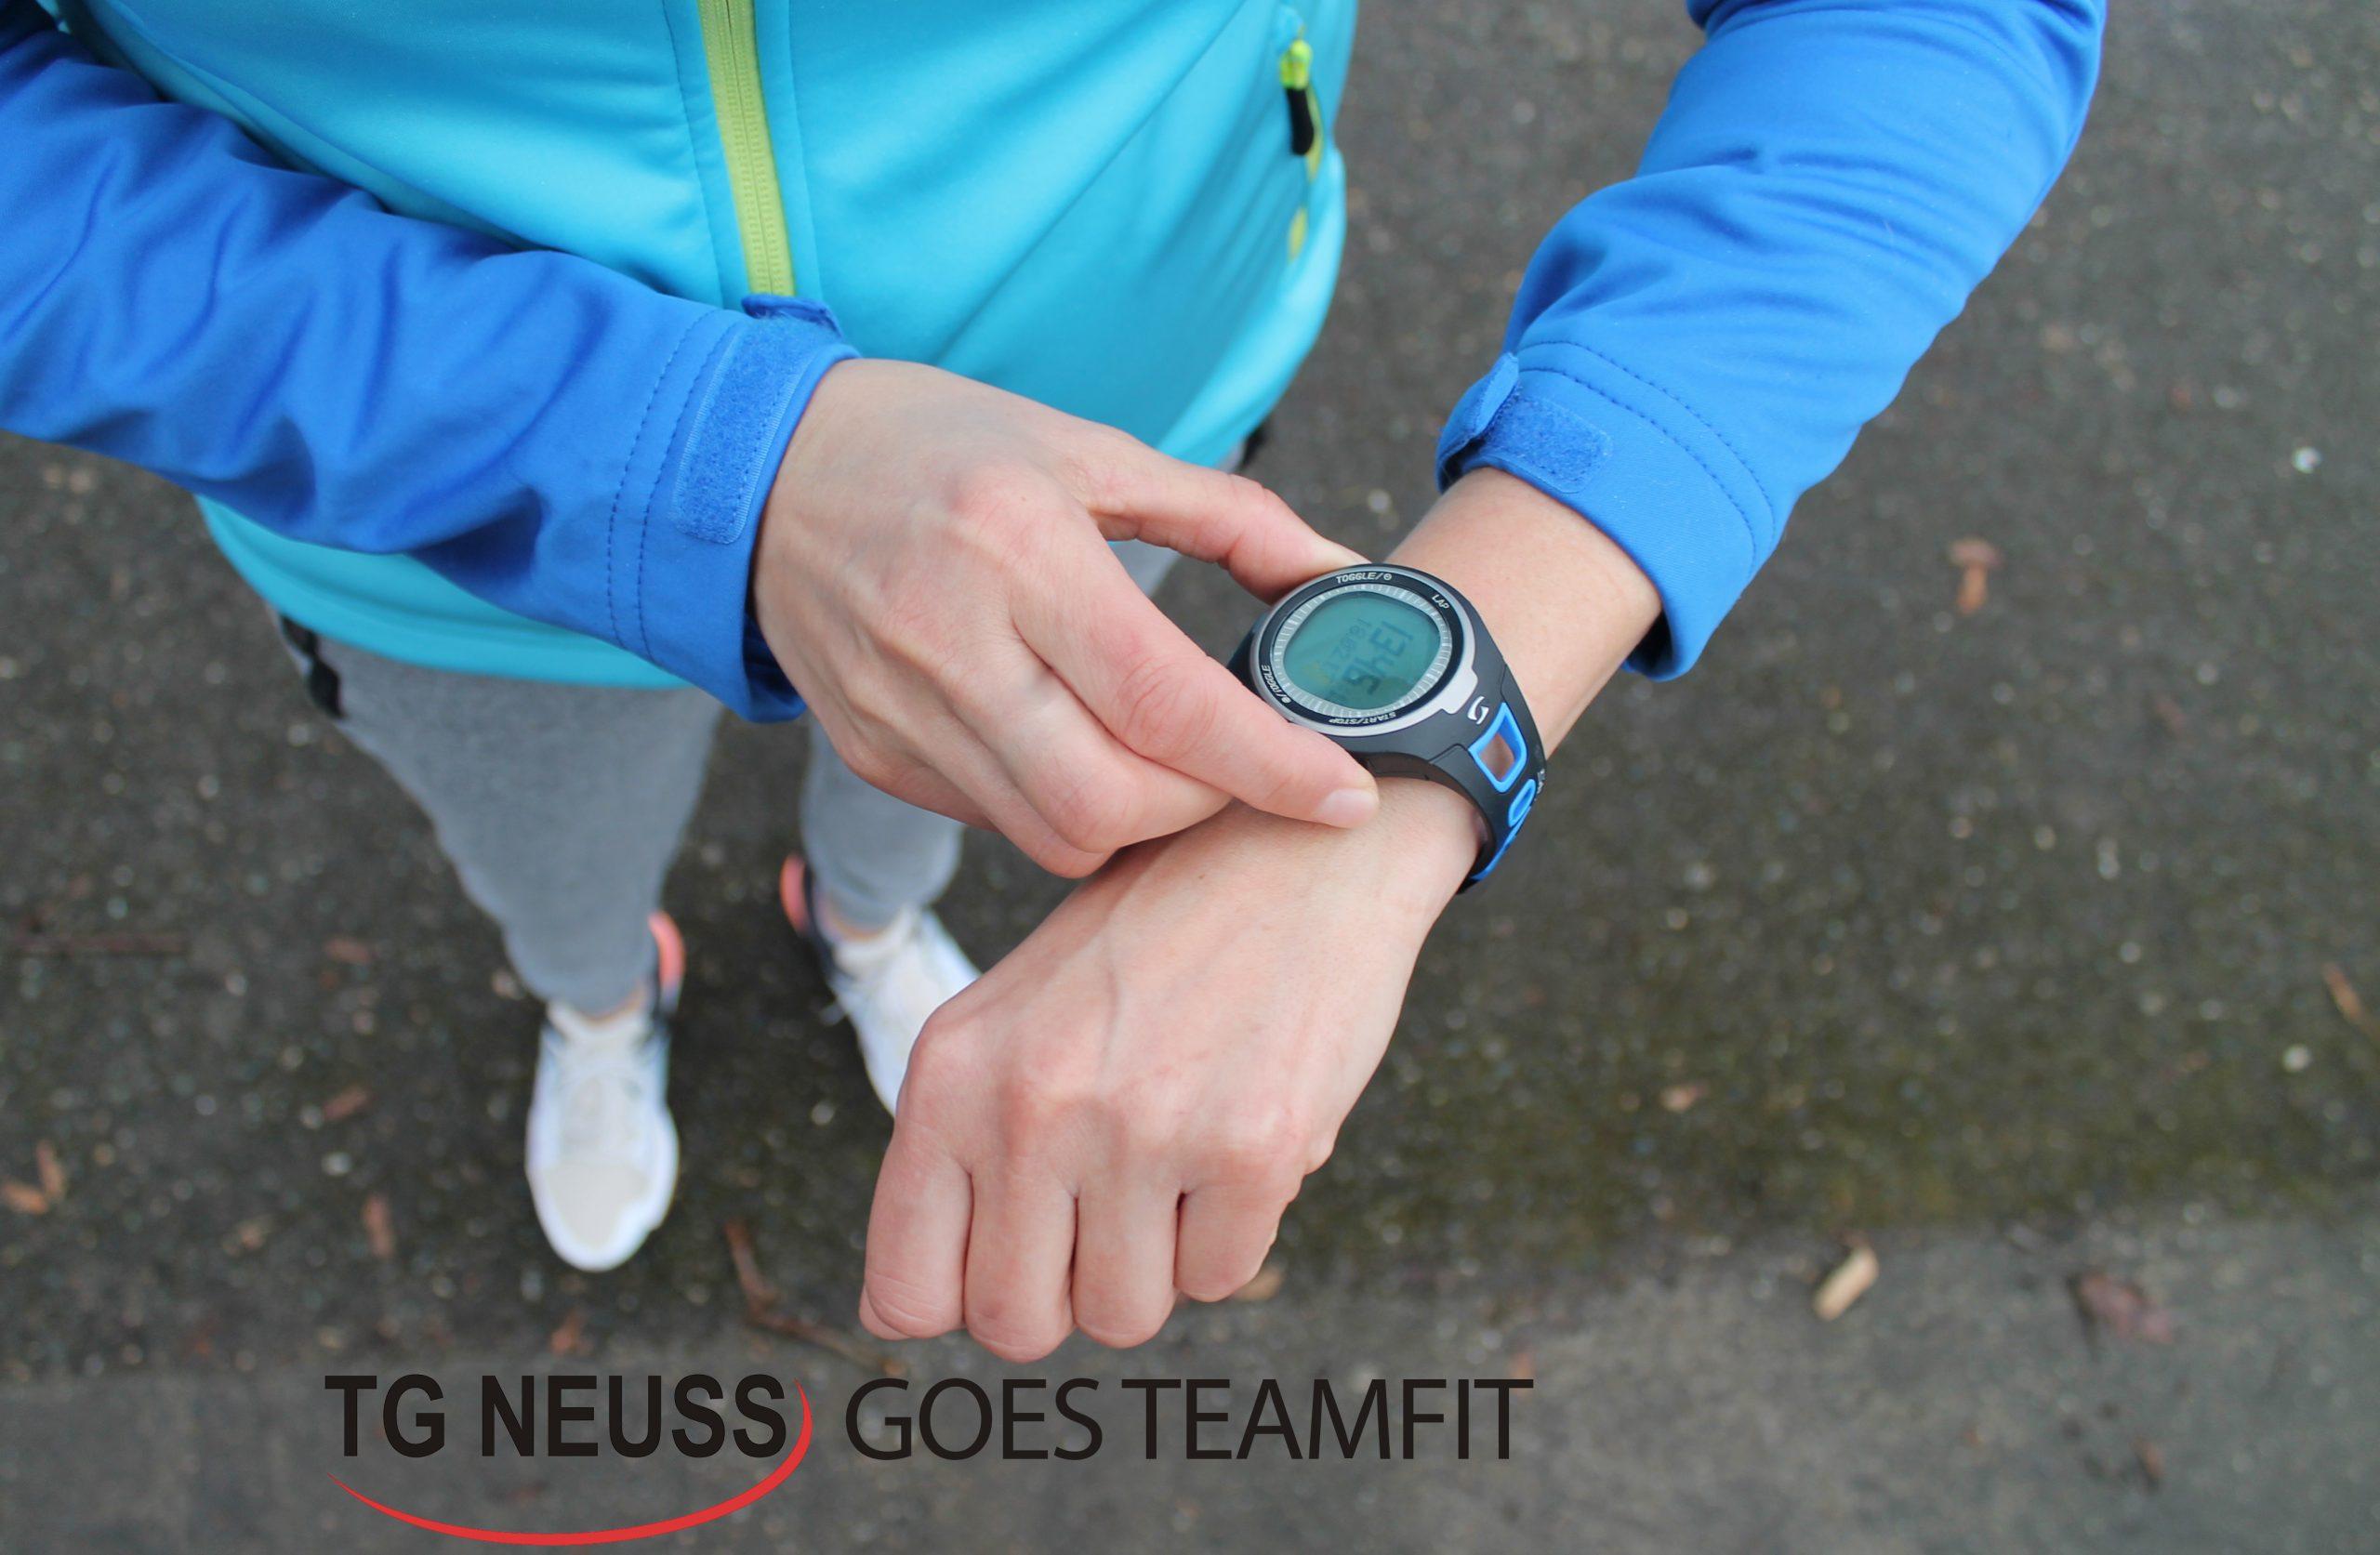 TG Neuss Teamfit